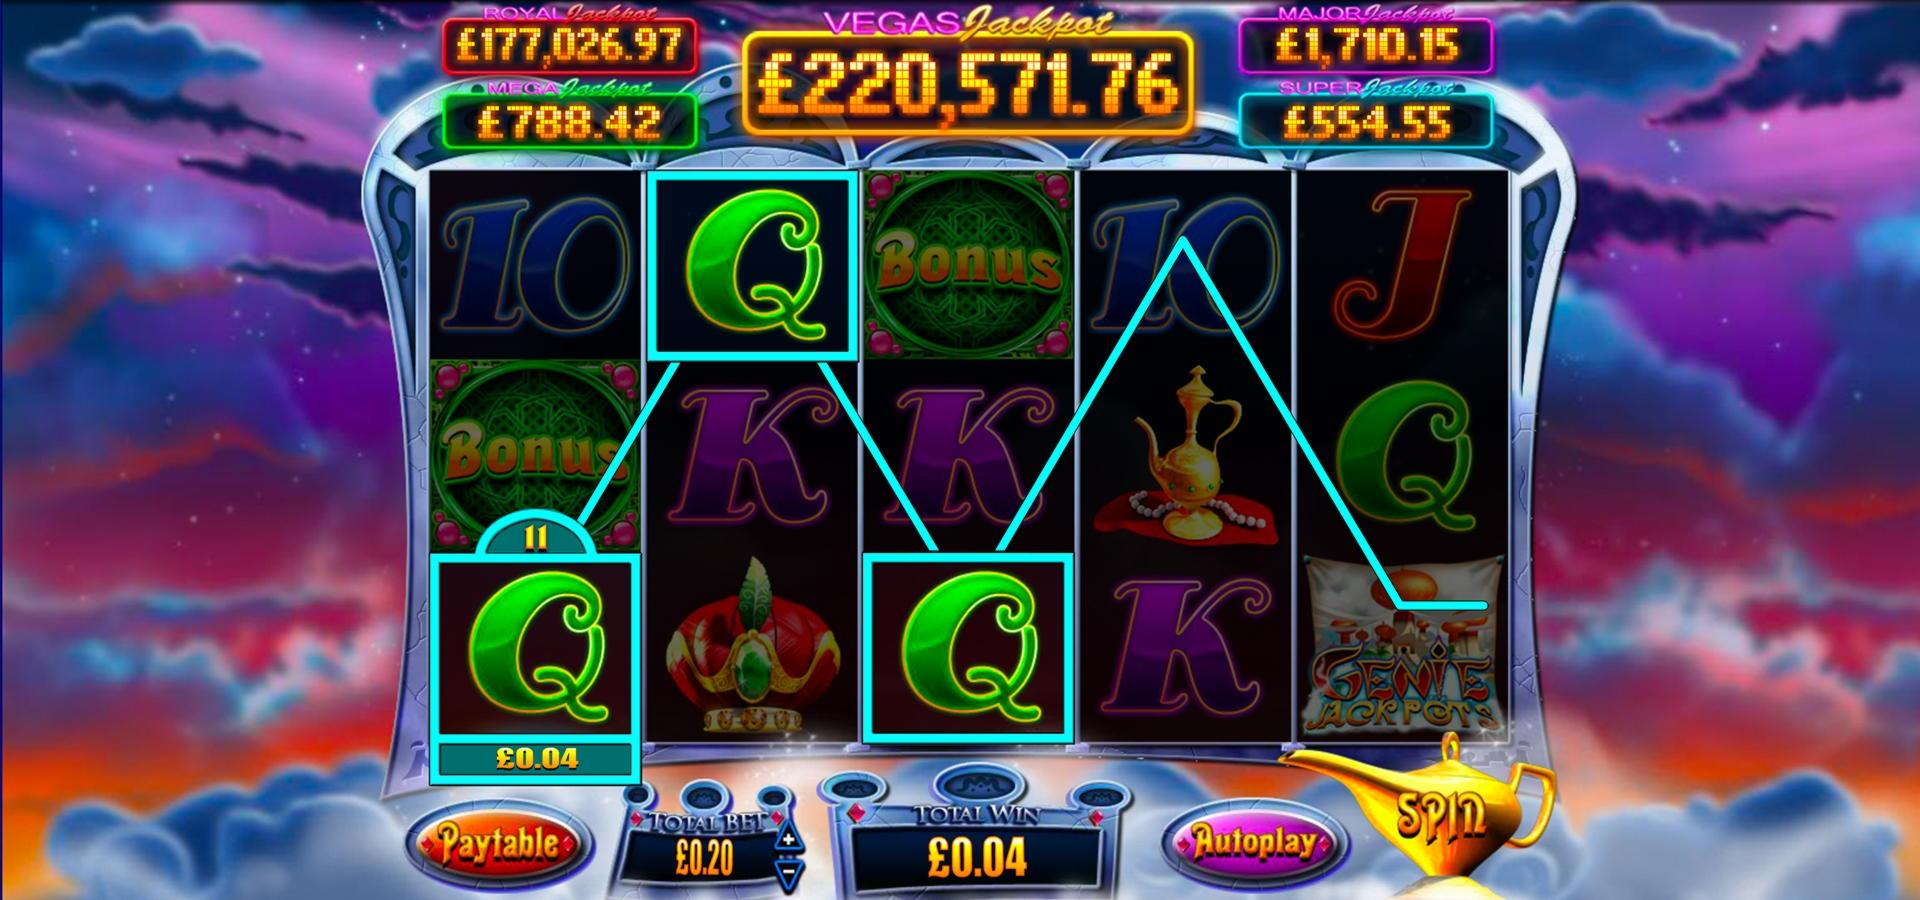 EURO 2910- Ի ԴԵՊՈԶԻՏԻ ԿԱՍԻՆՈ ԲՈՆՈՒՍԸ Treasure Island Jackpots- ում (Sloto Cash Mirror)